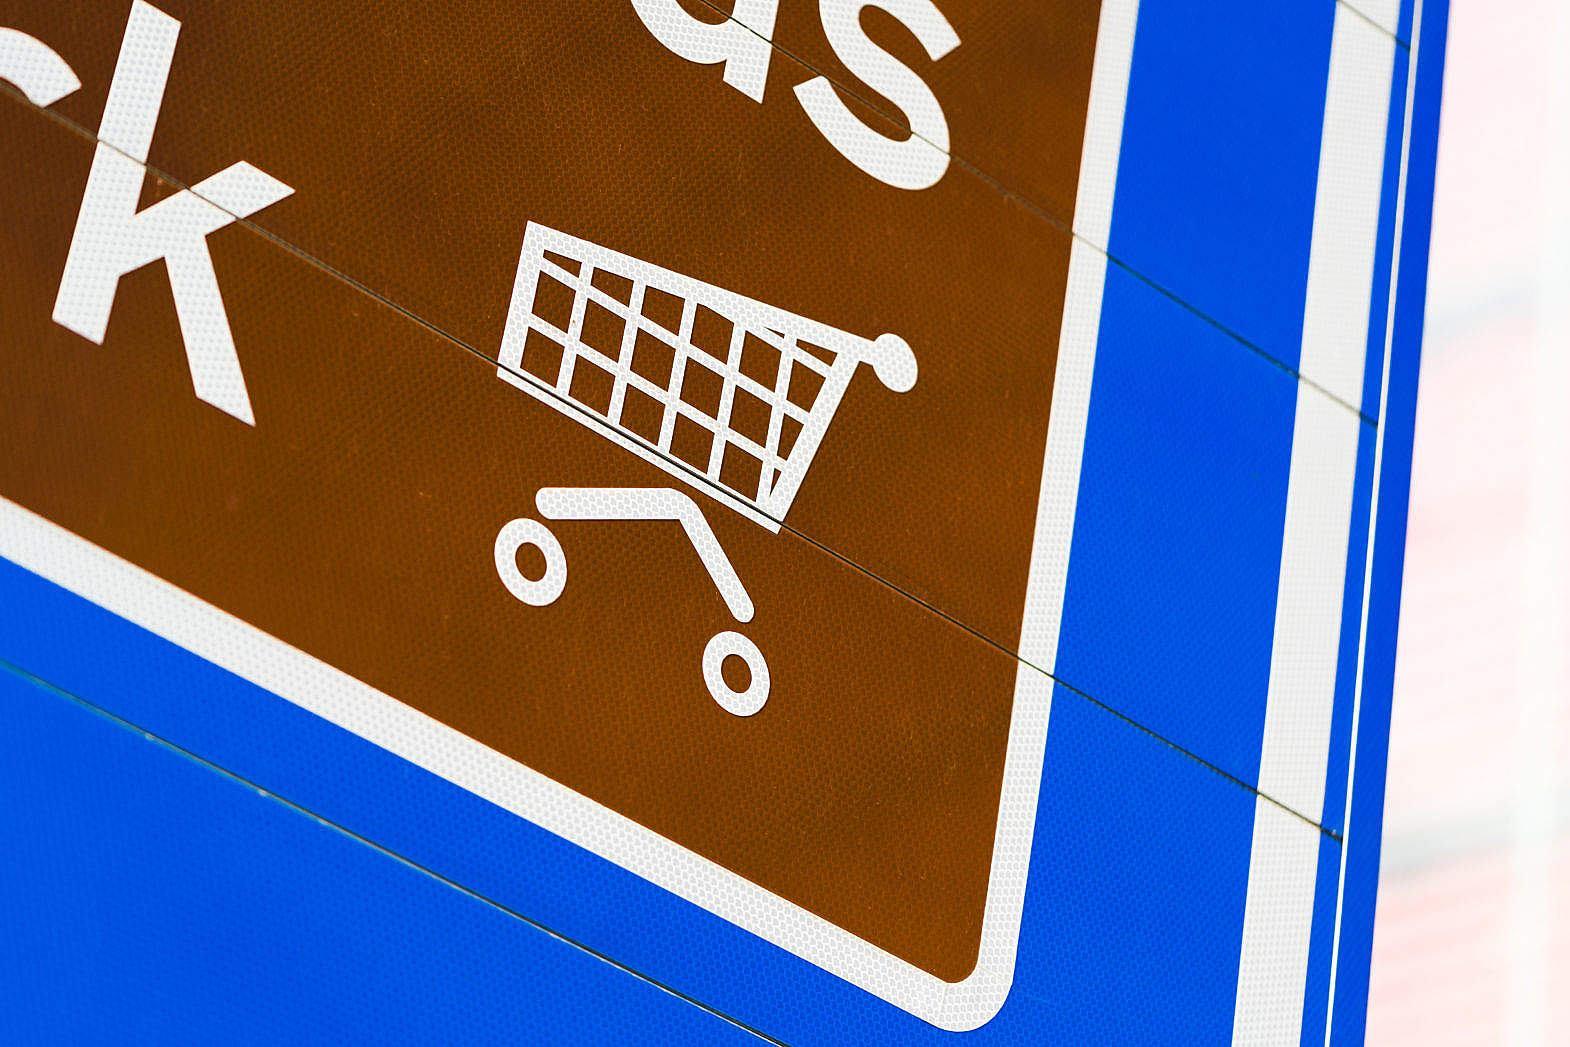 再加上大部人都將購物車遺棄在住所外的垃圾站或停車場旁,導致很多住宅的居民也開始不滿。